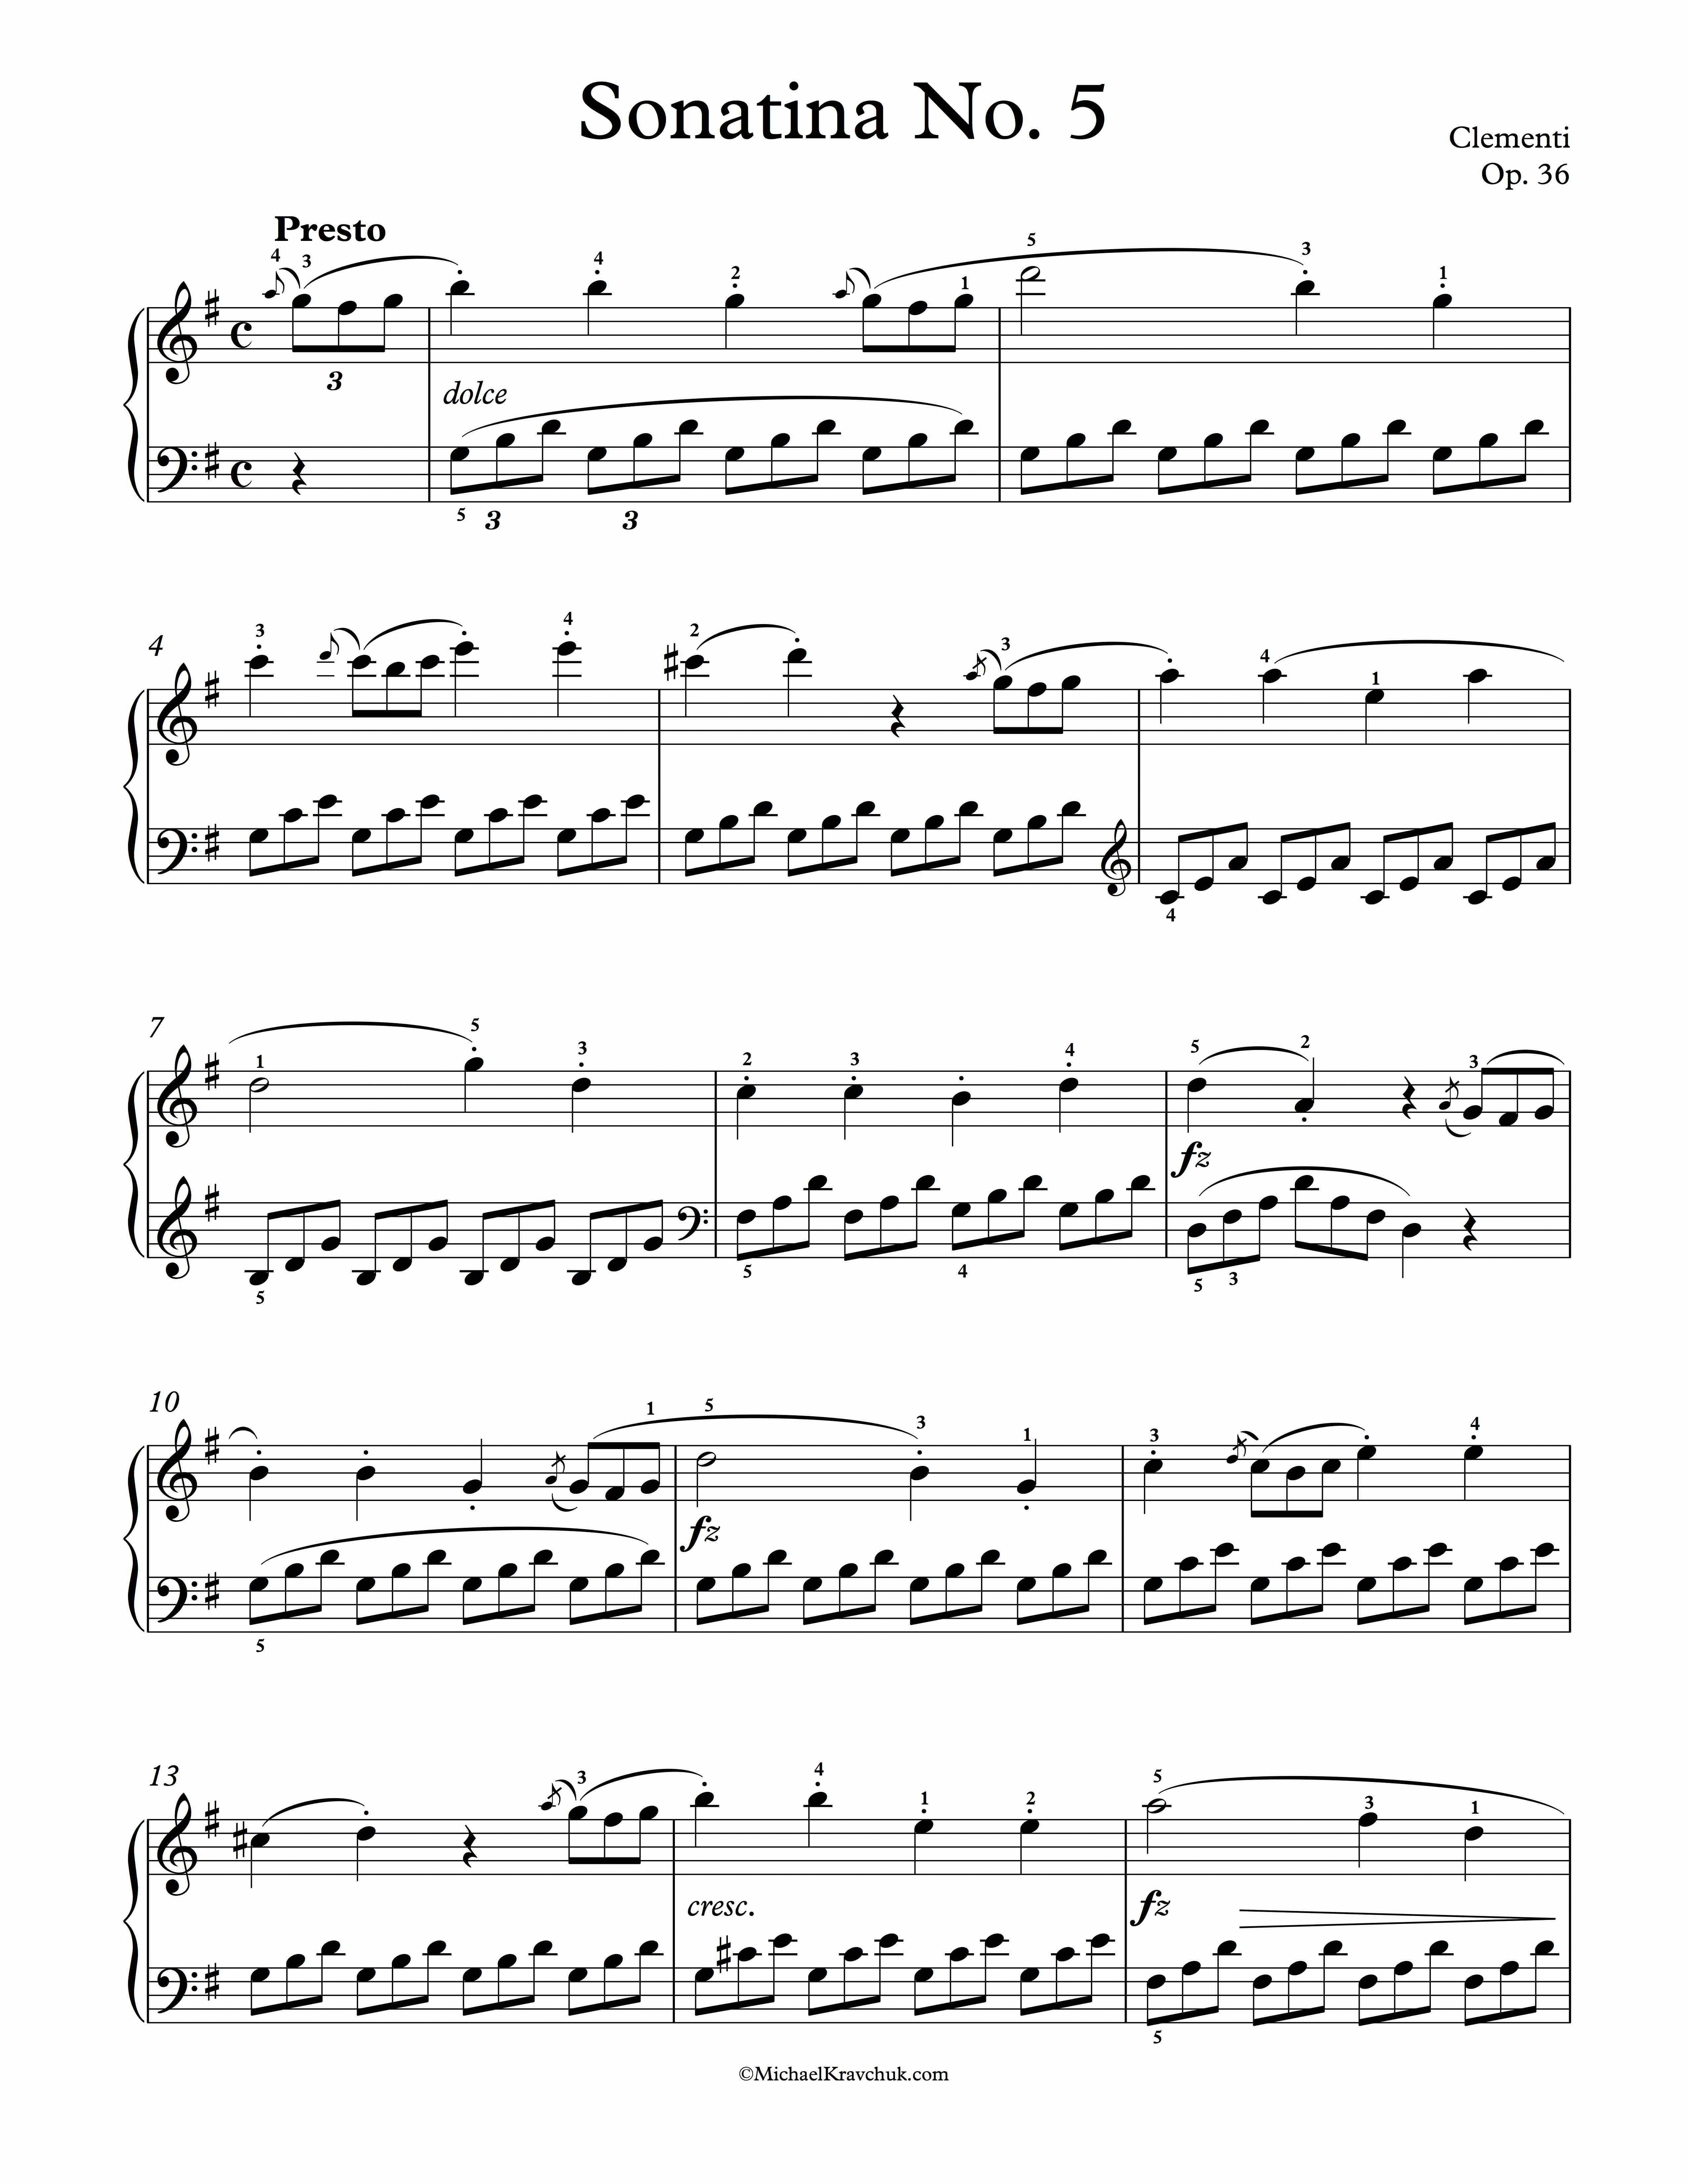 Free Piano Sheet Music Sonatina Op 36 No 5 Clementi Enjoy